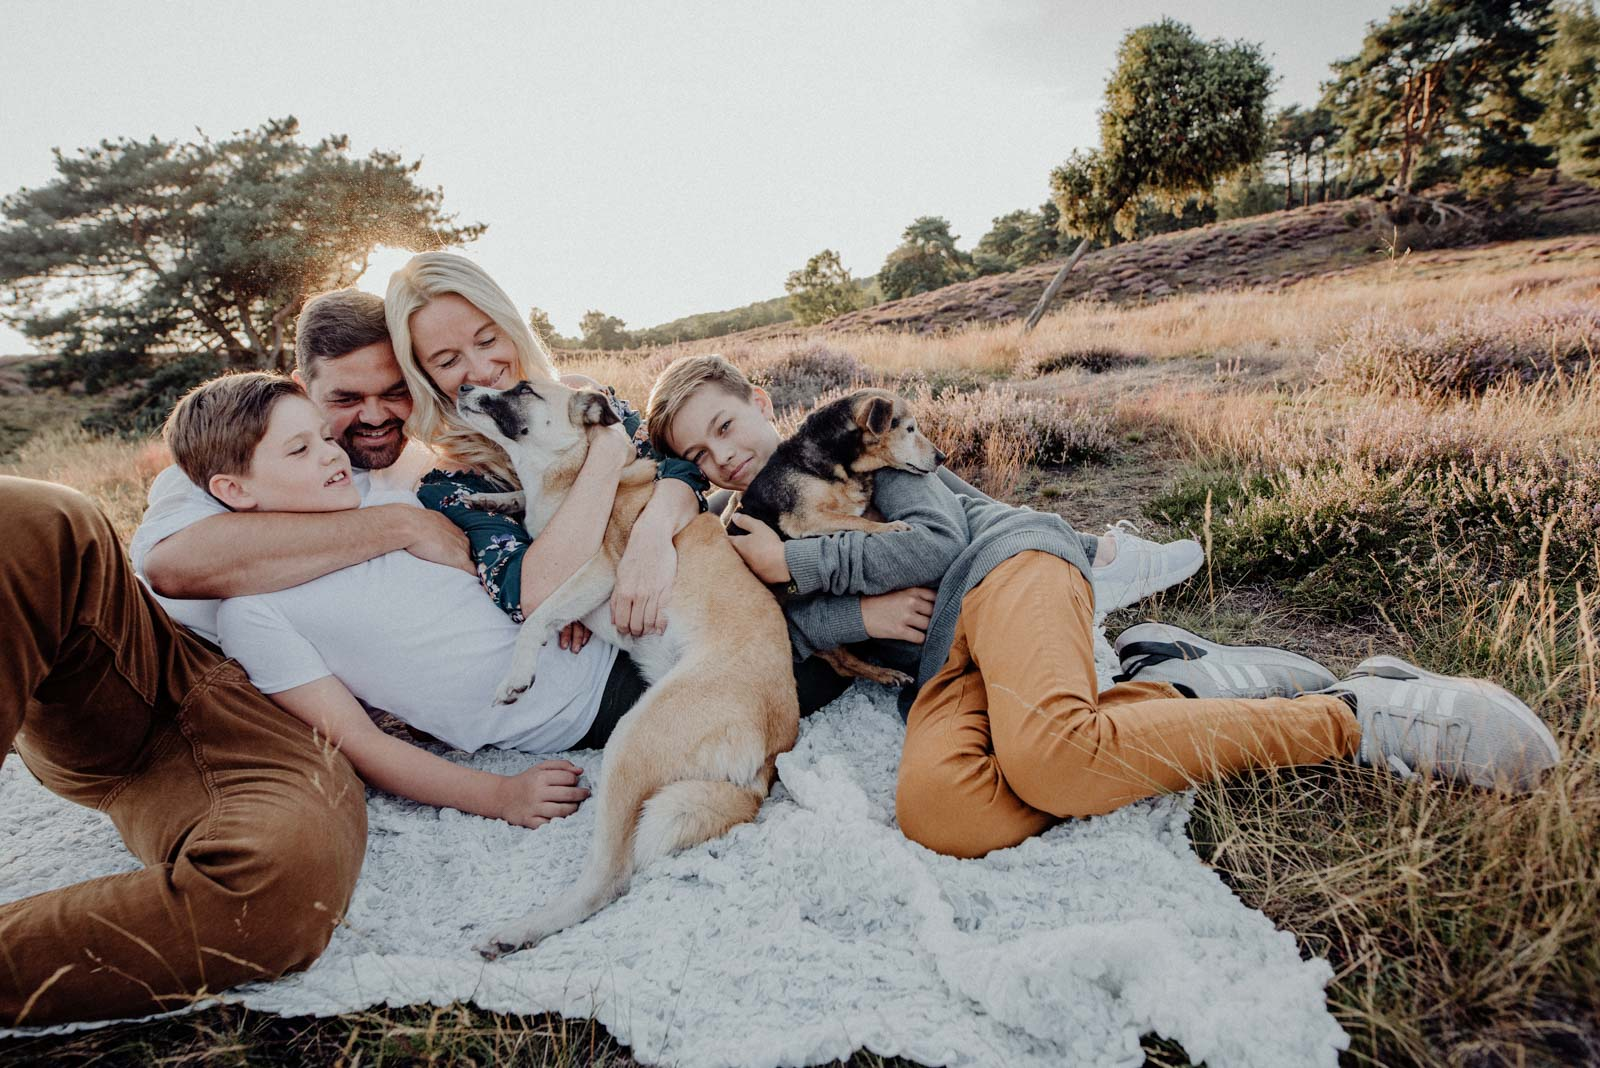 034-Familienfotos-Familienreportage-Heideshooting-natürlich-Heide